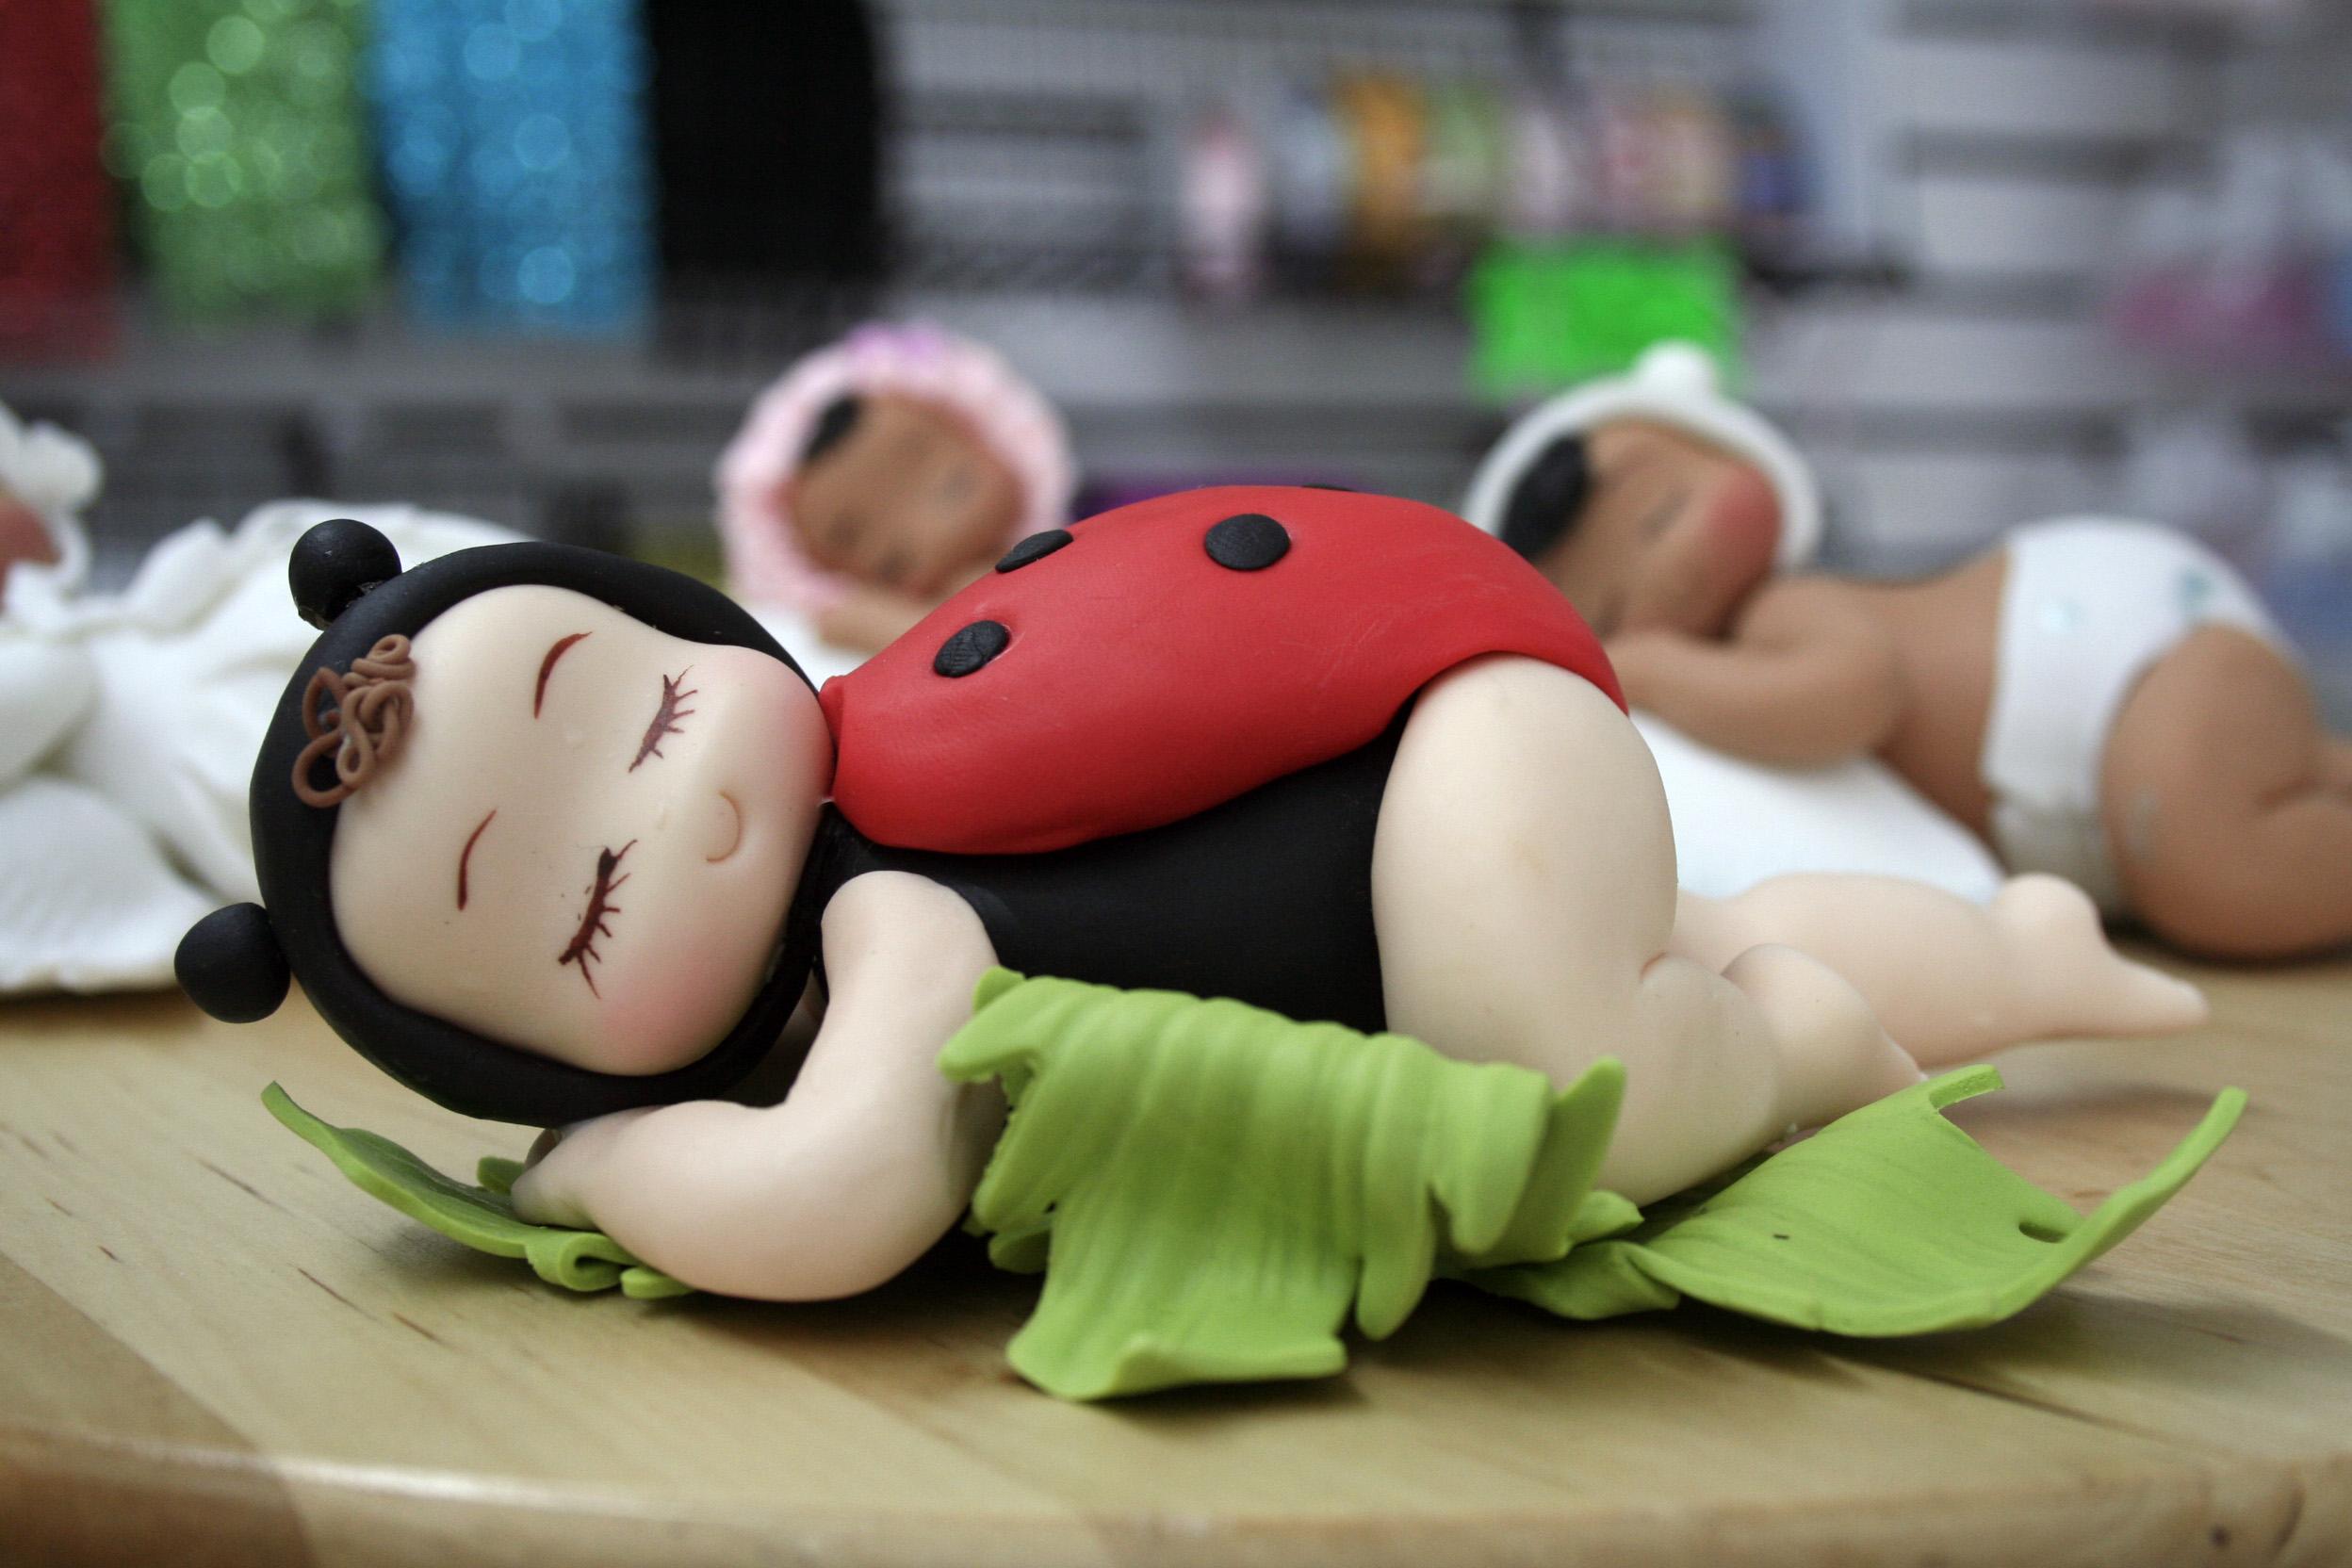 Ladybug Cake Decorating Supplies